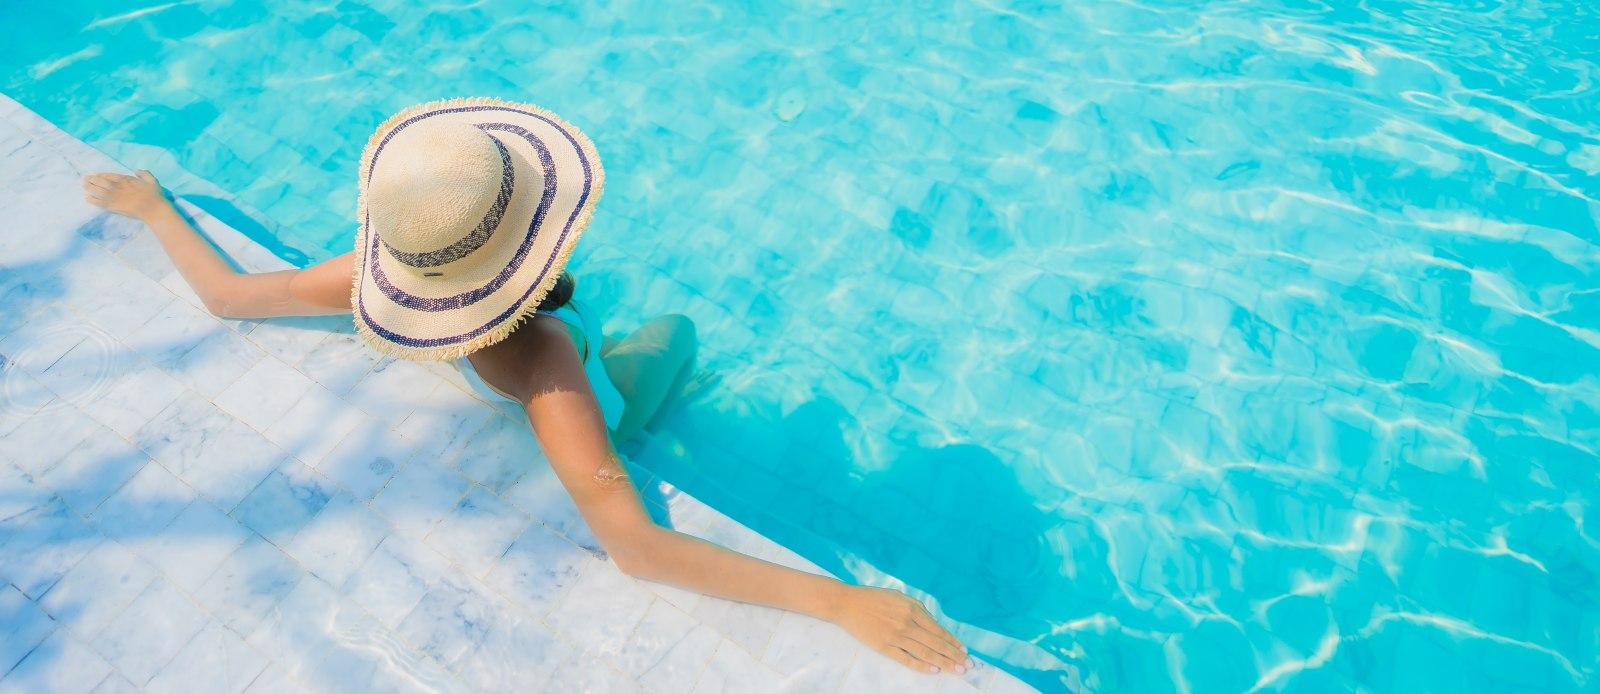 ¿Cómo se deben organizar los condominios en vacaciones?